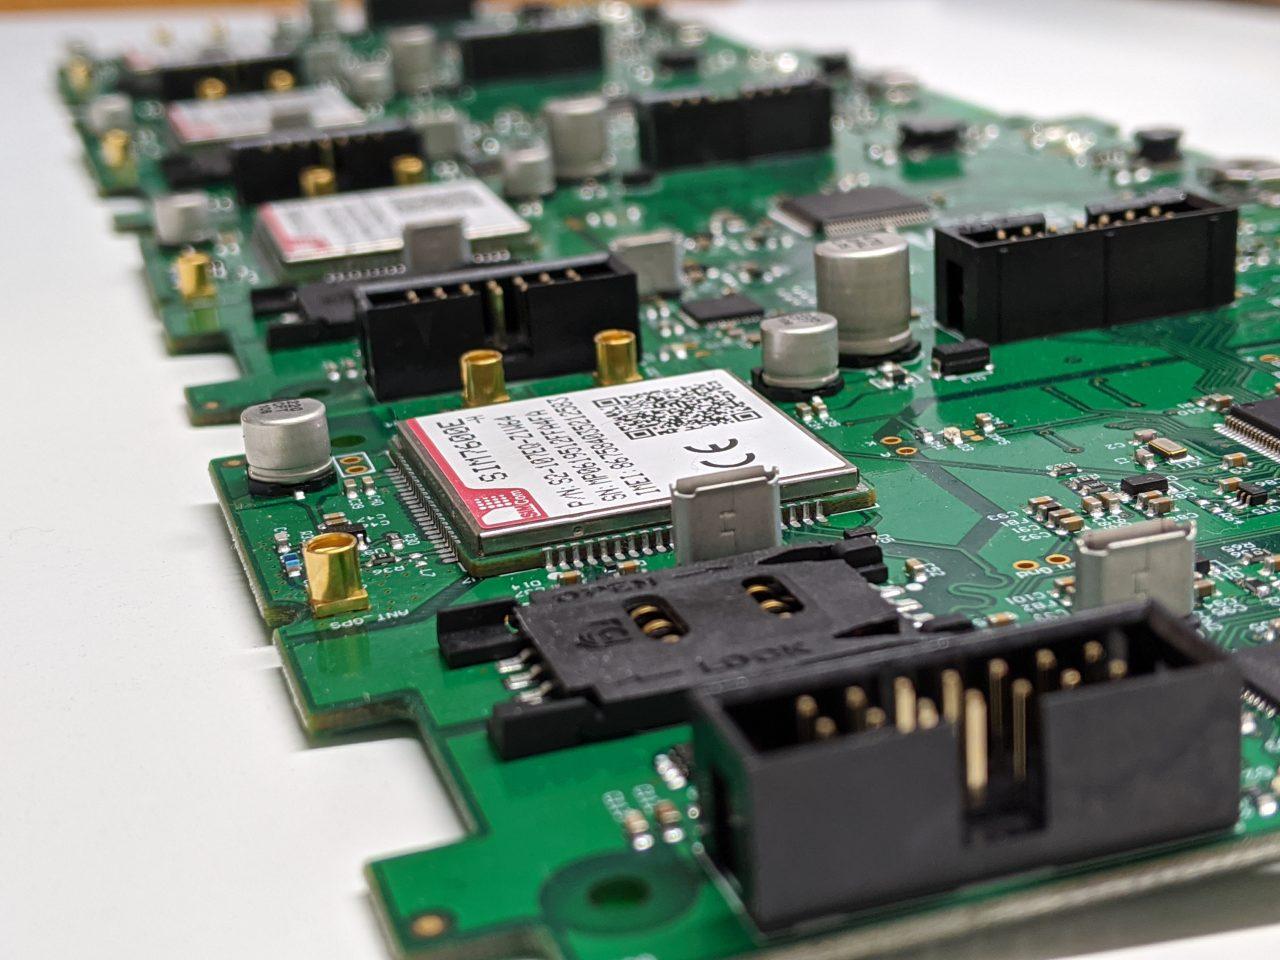 Construction-Machinery-IoT-PCB-1280x960.jpg